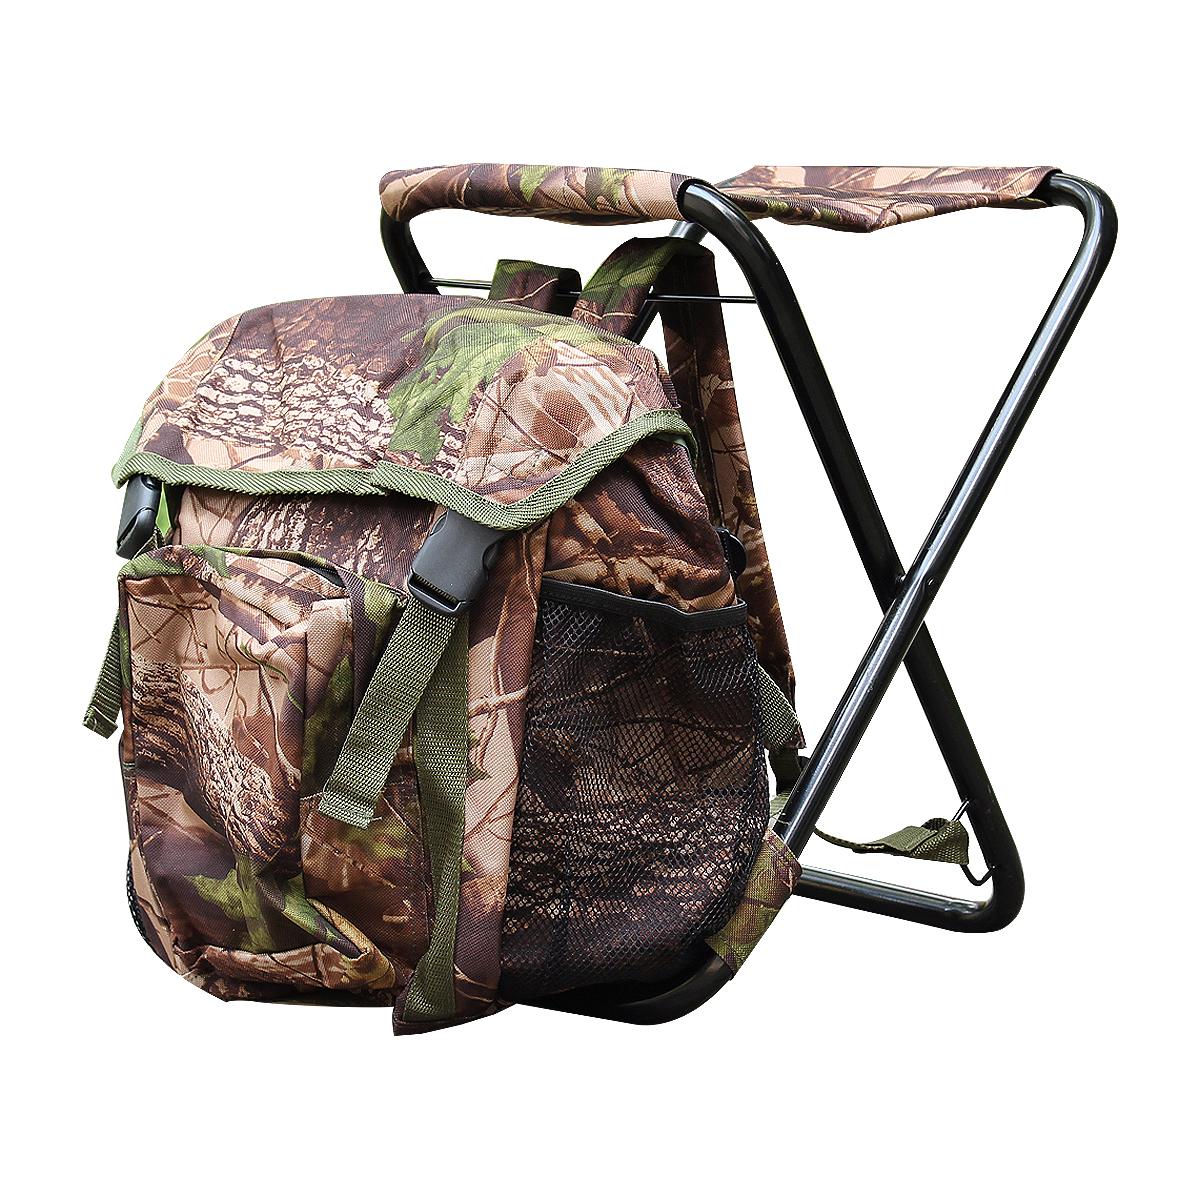 Стул-рюкзак Экспедиция Сезон охоты, камуфлированный. EWCL-07EWCL-07Уникальная конструкция стула-рюкзака совмещает в себе два незаменимых предмета в походах и выездах на природу – вместительный рюкзак и удобный складной стул, выдерживающий до 120 кг весу. Благодаря рюкзаку стул очень удобен при транспортировки, изготовлен из прочной, но легкой стали и брезентовой ткани. Эти свойства станут незаменимыми в эксплуатации. Сам рюкзак имеет одно большое отделение и множество отсеков под самые различные предметы (термос, мобильный телефон, фонарик и др.). Специальная конструкция стула позволяет поставить его даже на самой неровной поверхности.